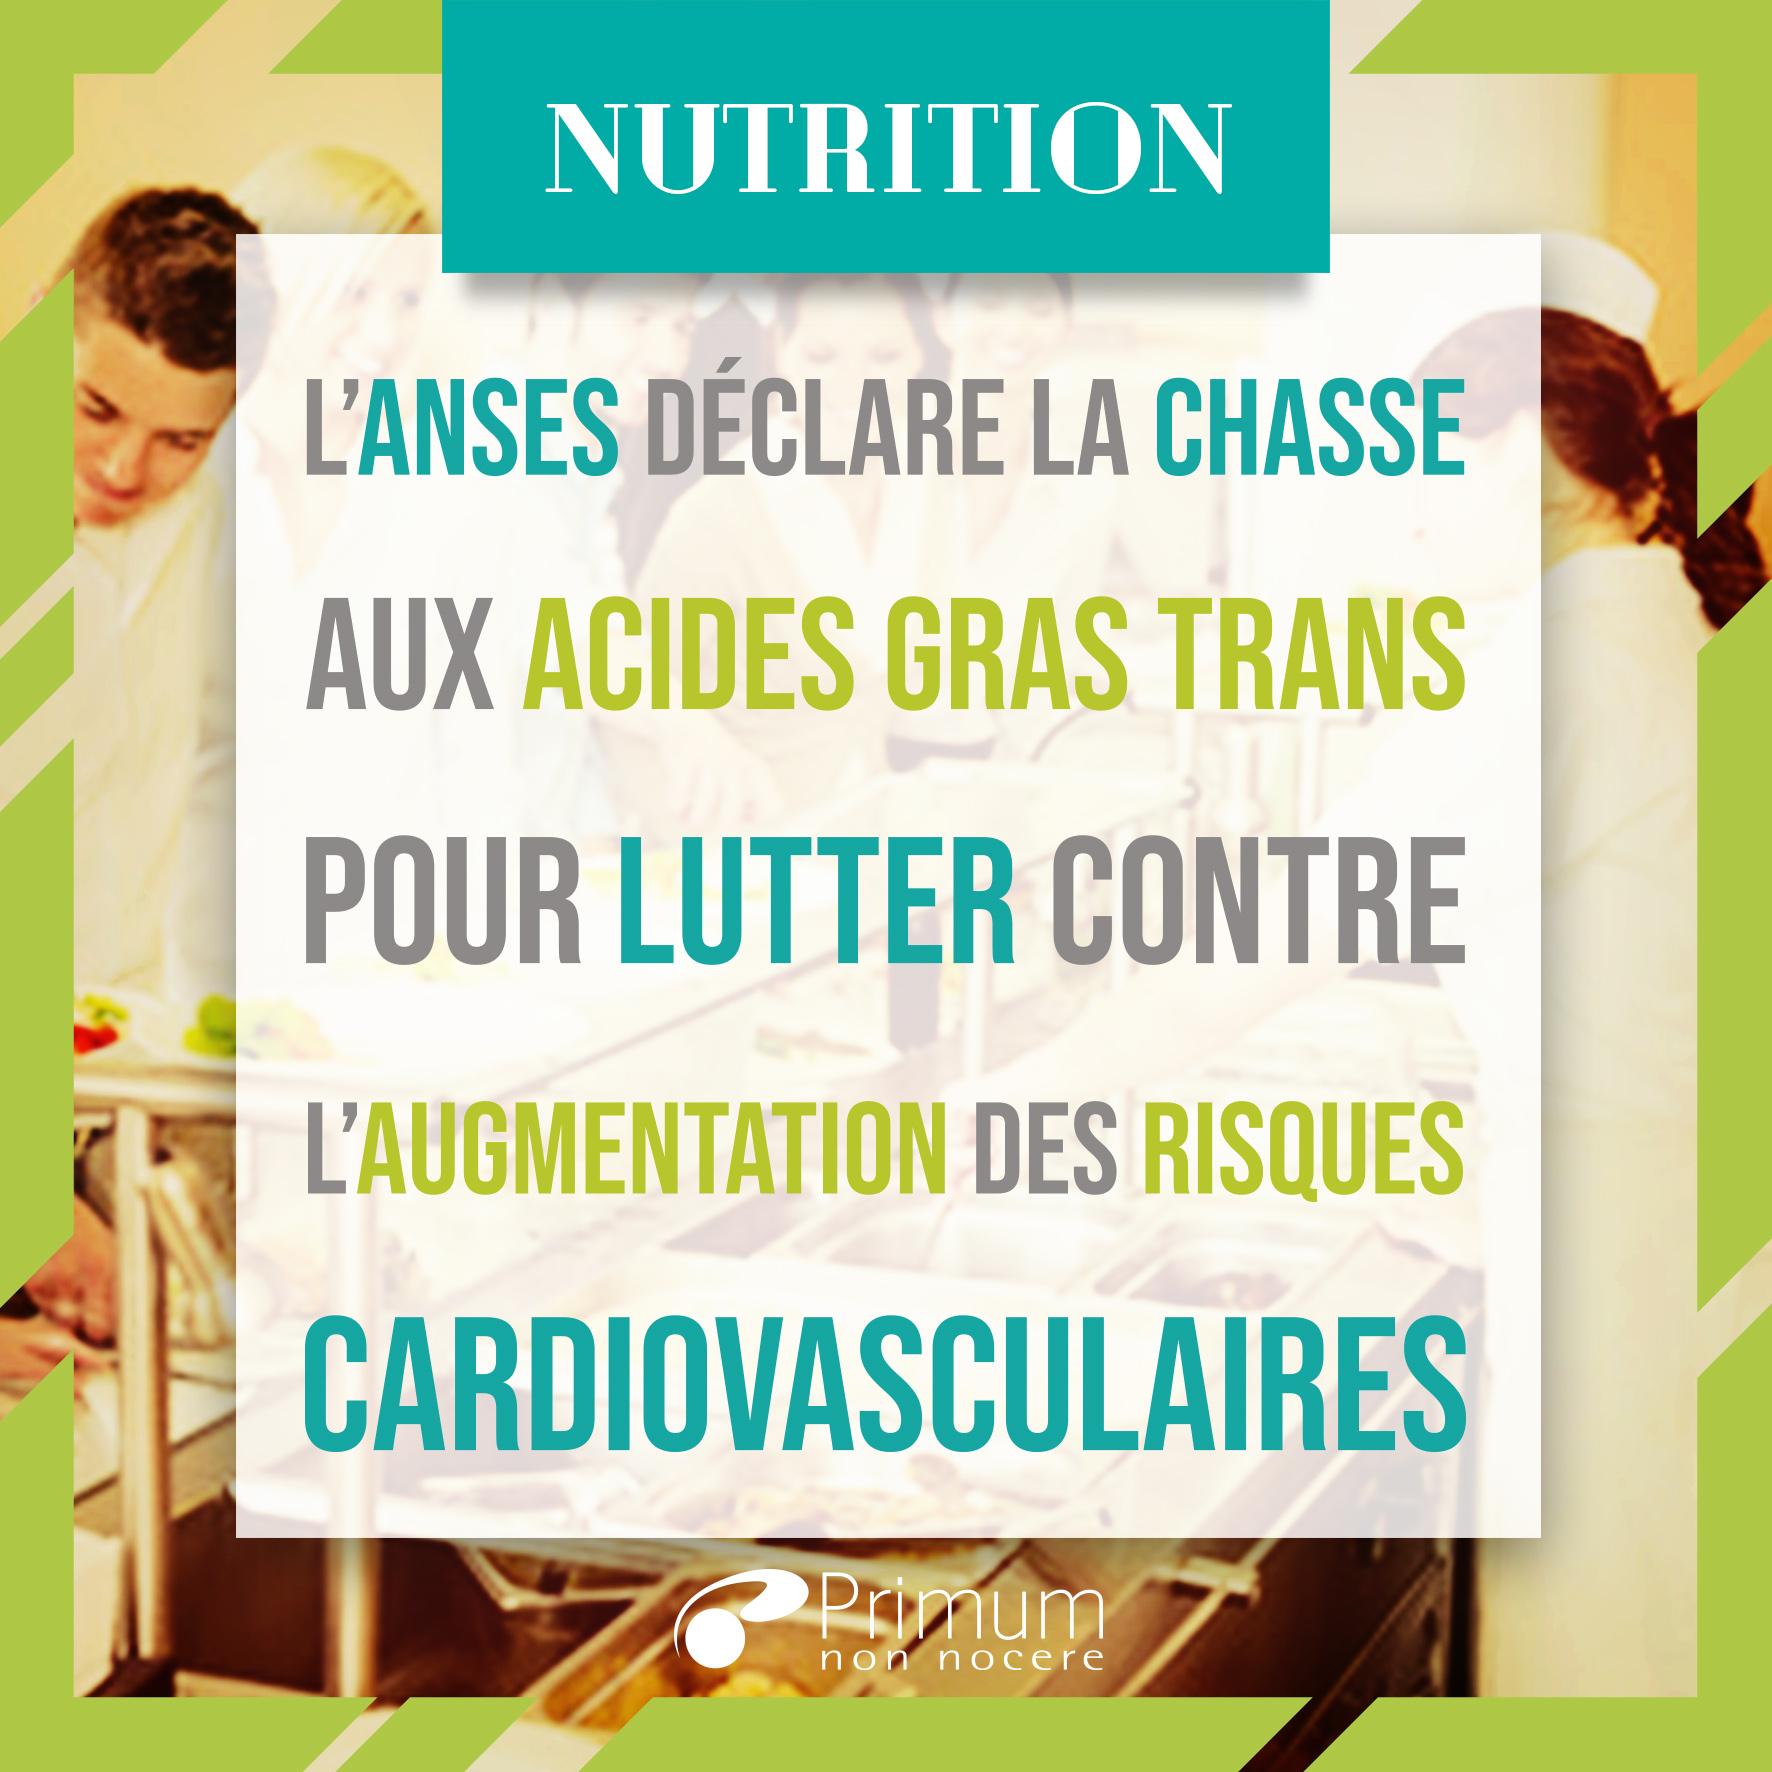 La chasse aux acides gras trans recommandée par l'Anses